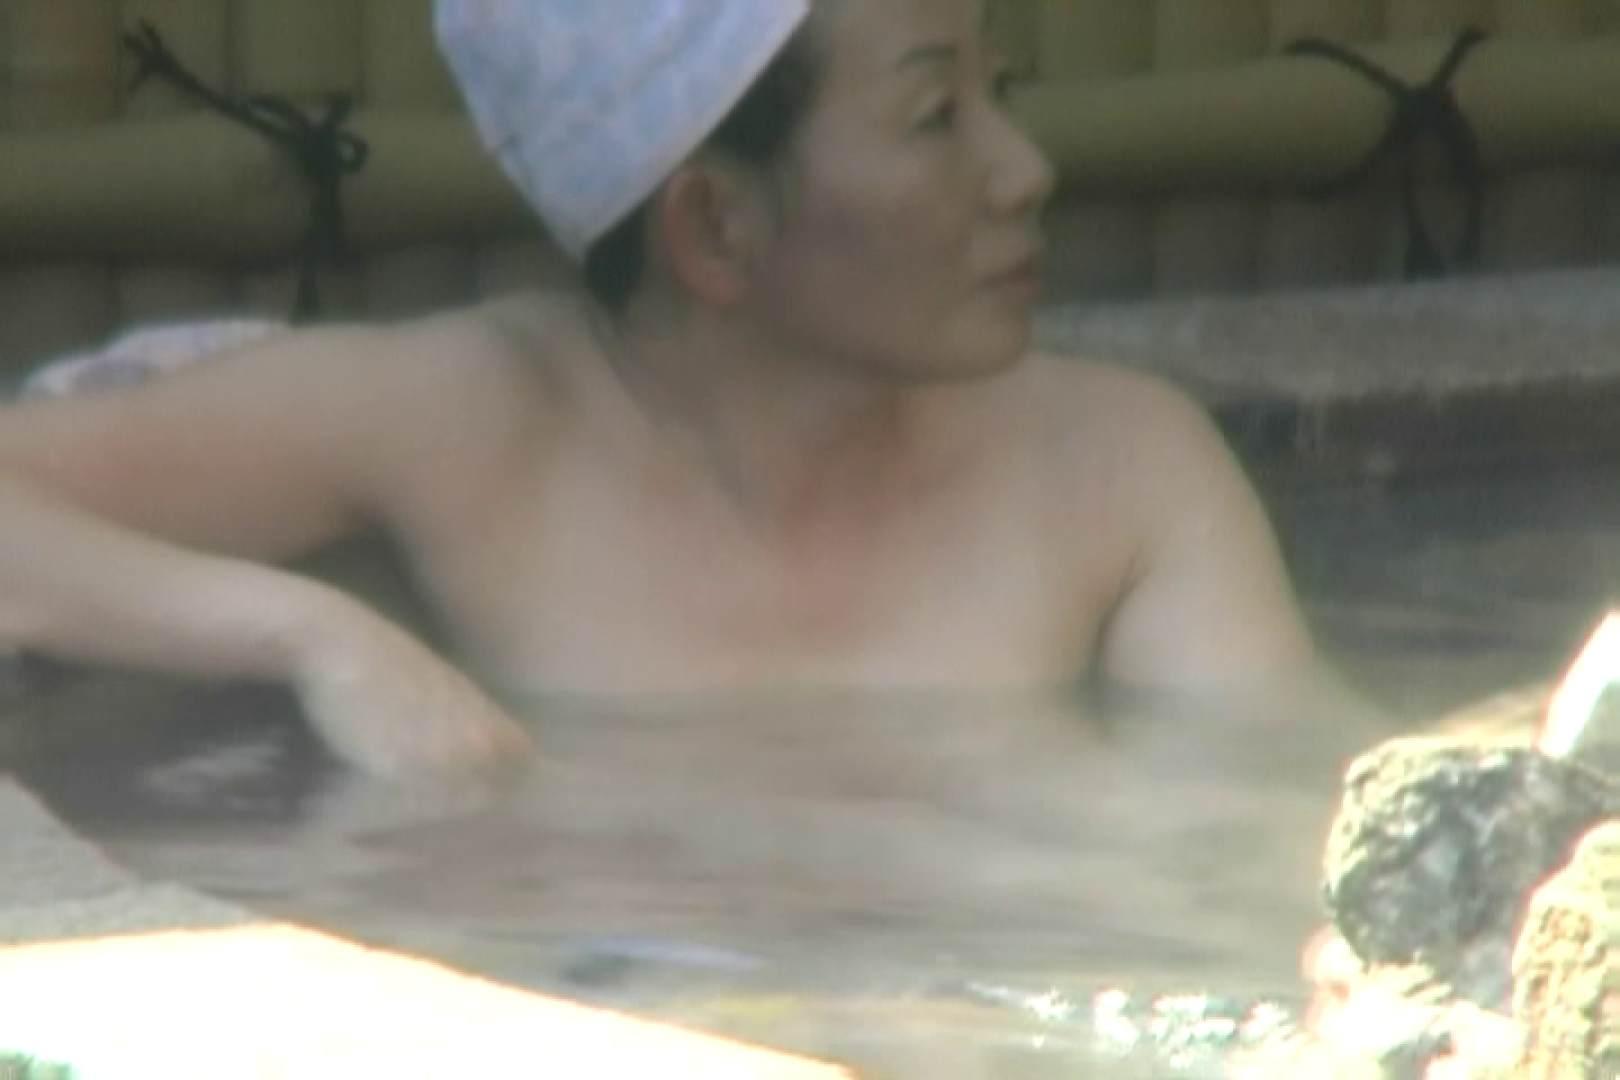 女露天風呂劇場 Vol.18 OLの実態   潜伏露天風呂  54pic 29